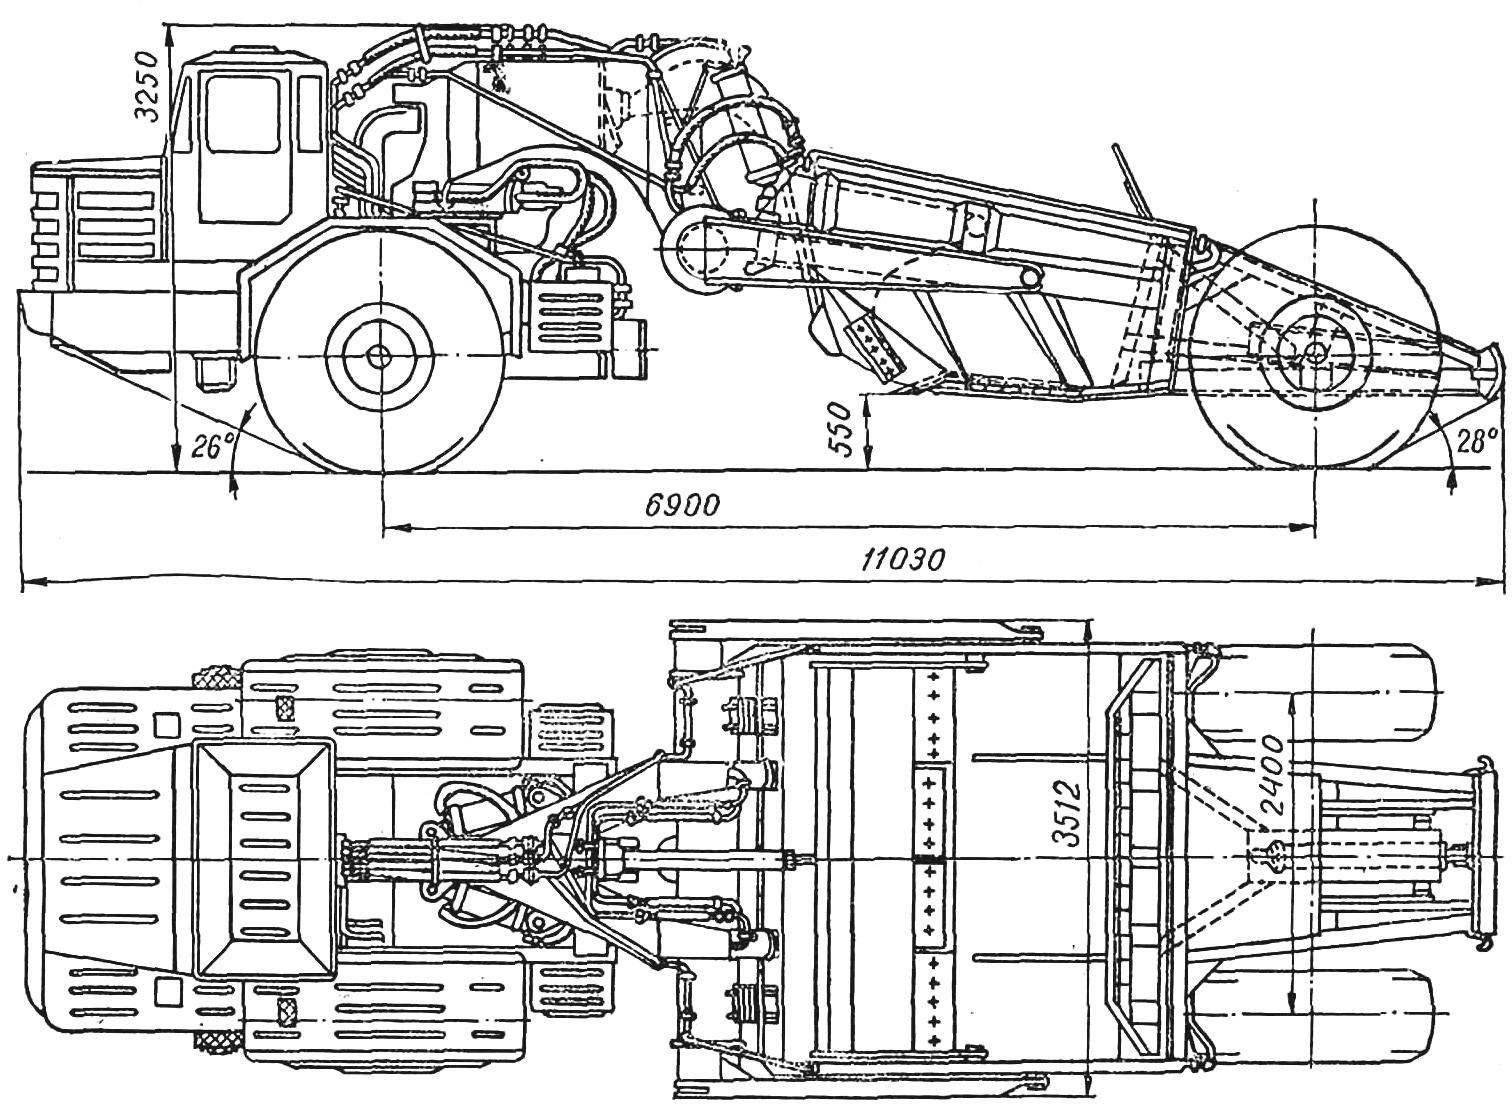 Рис. 1. Самоходный скрепер Д-567 с одноосным тягачом МоАЗ-546.